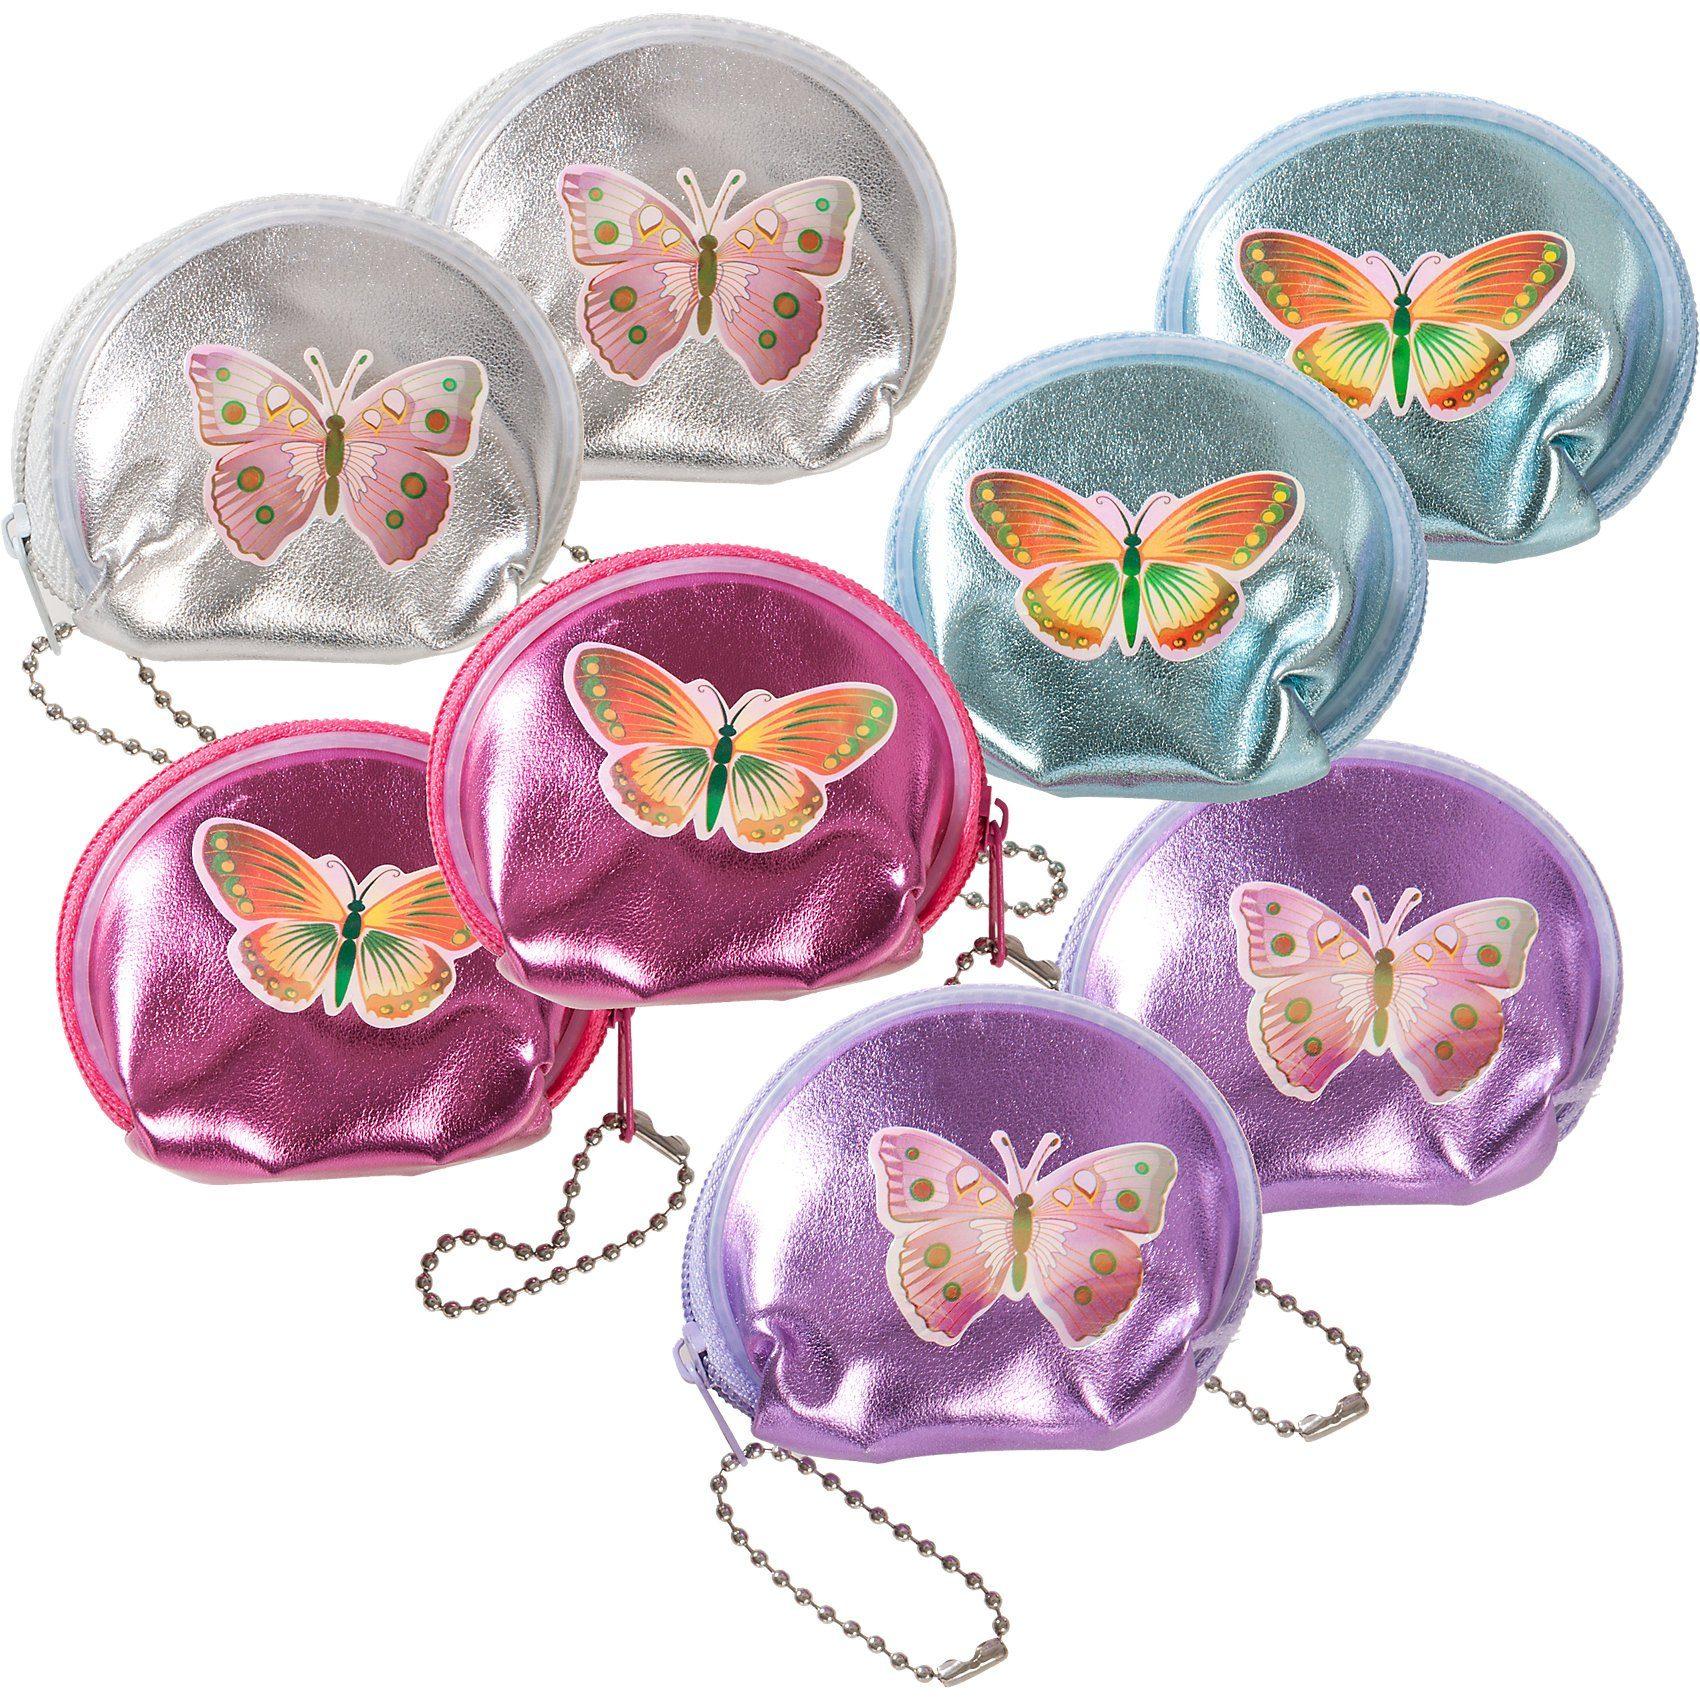 EDUPLAY Geldbeutel Schmetterlinge, 8 Stück